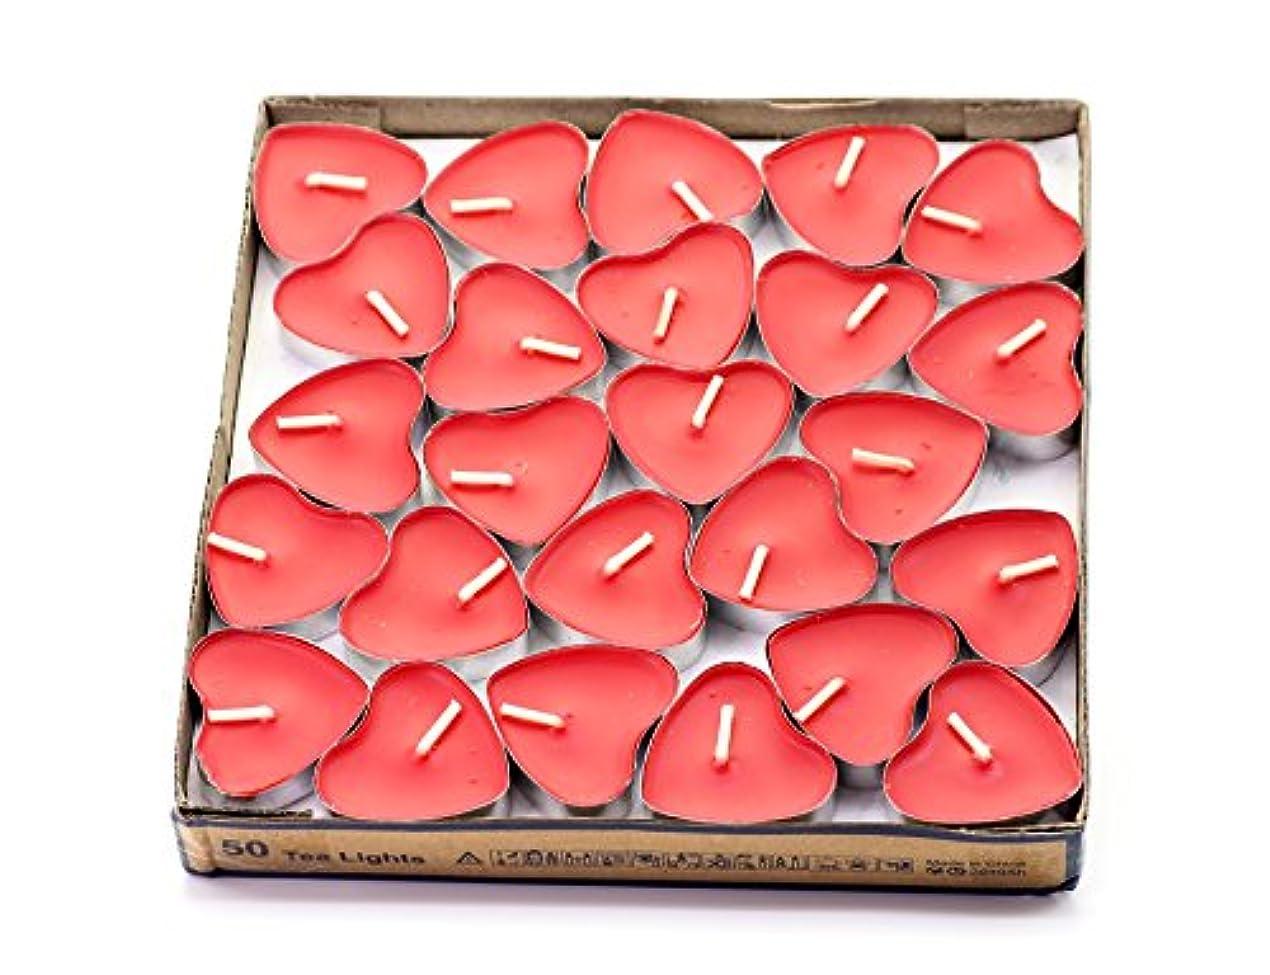 お劇的レッスン(Red(strawberry)) - Creationtop Scented Candles Tea Lights Mini Hearts Home Decor Aroma Candles Set of 50 pcs...